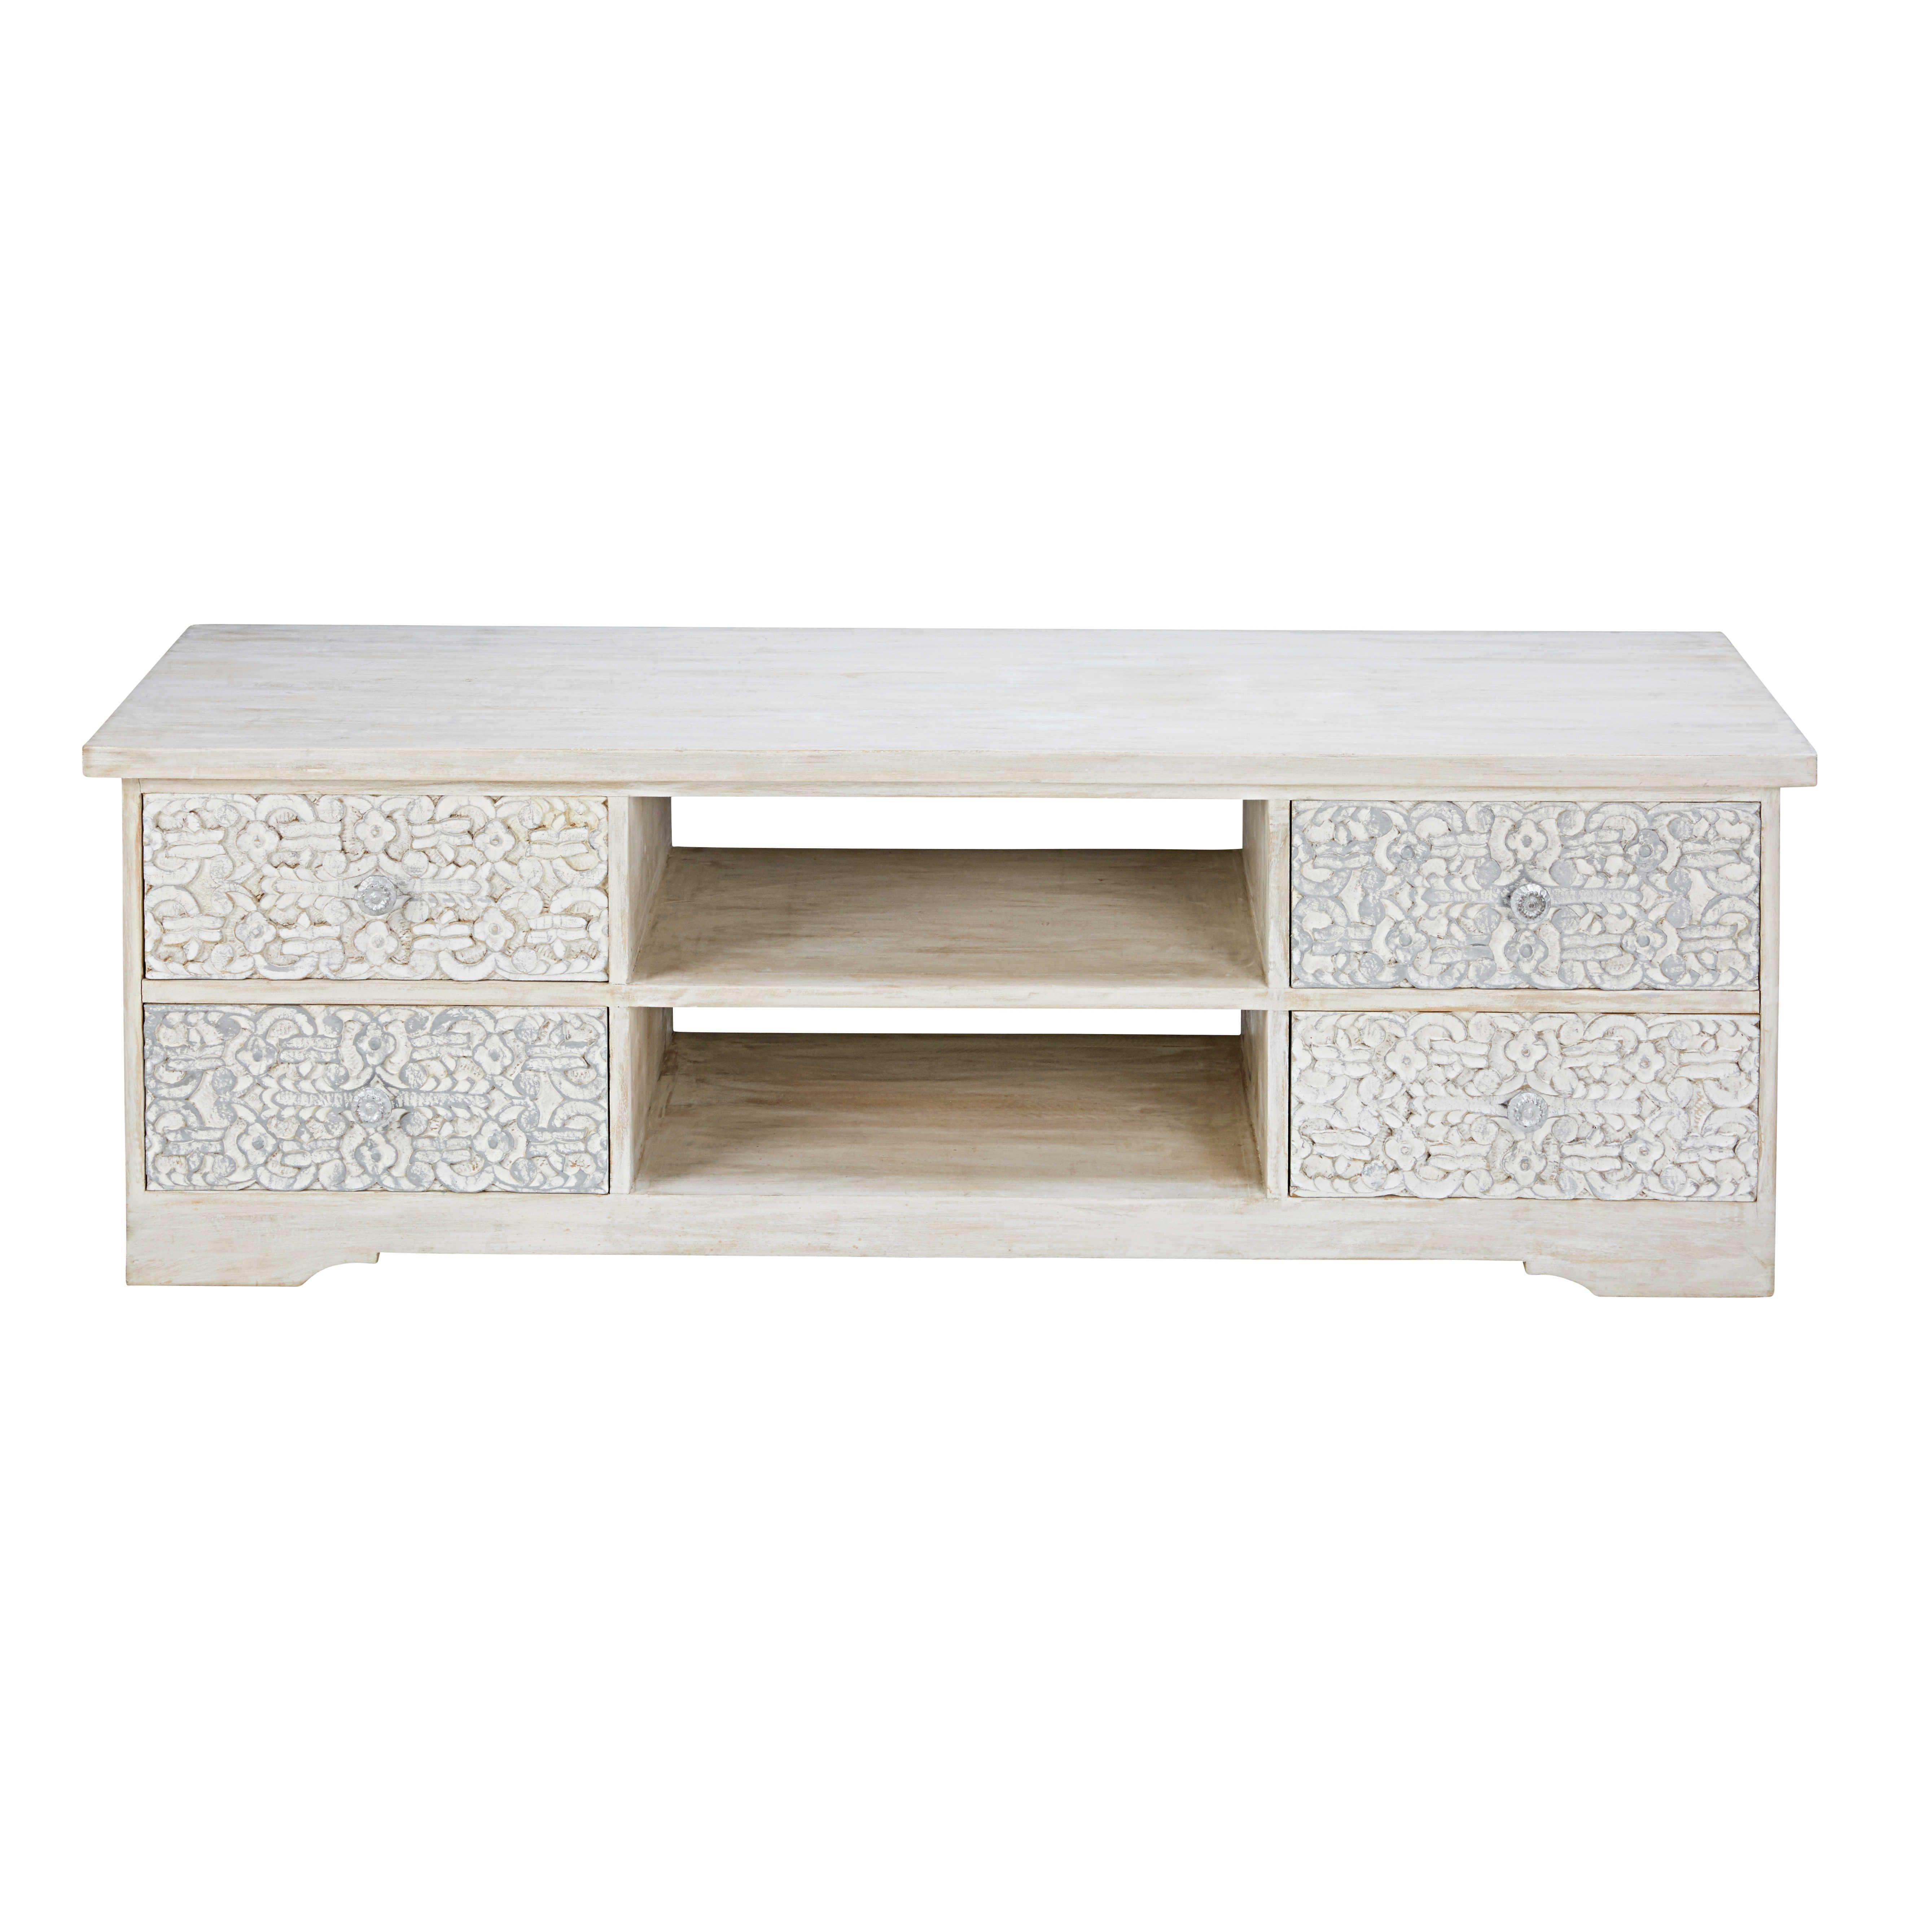 Mueble de TV de mango esculpido y blanqueado Namaste